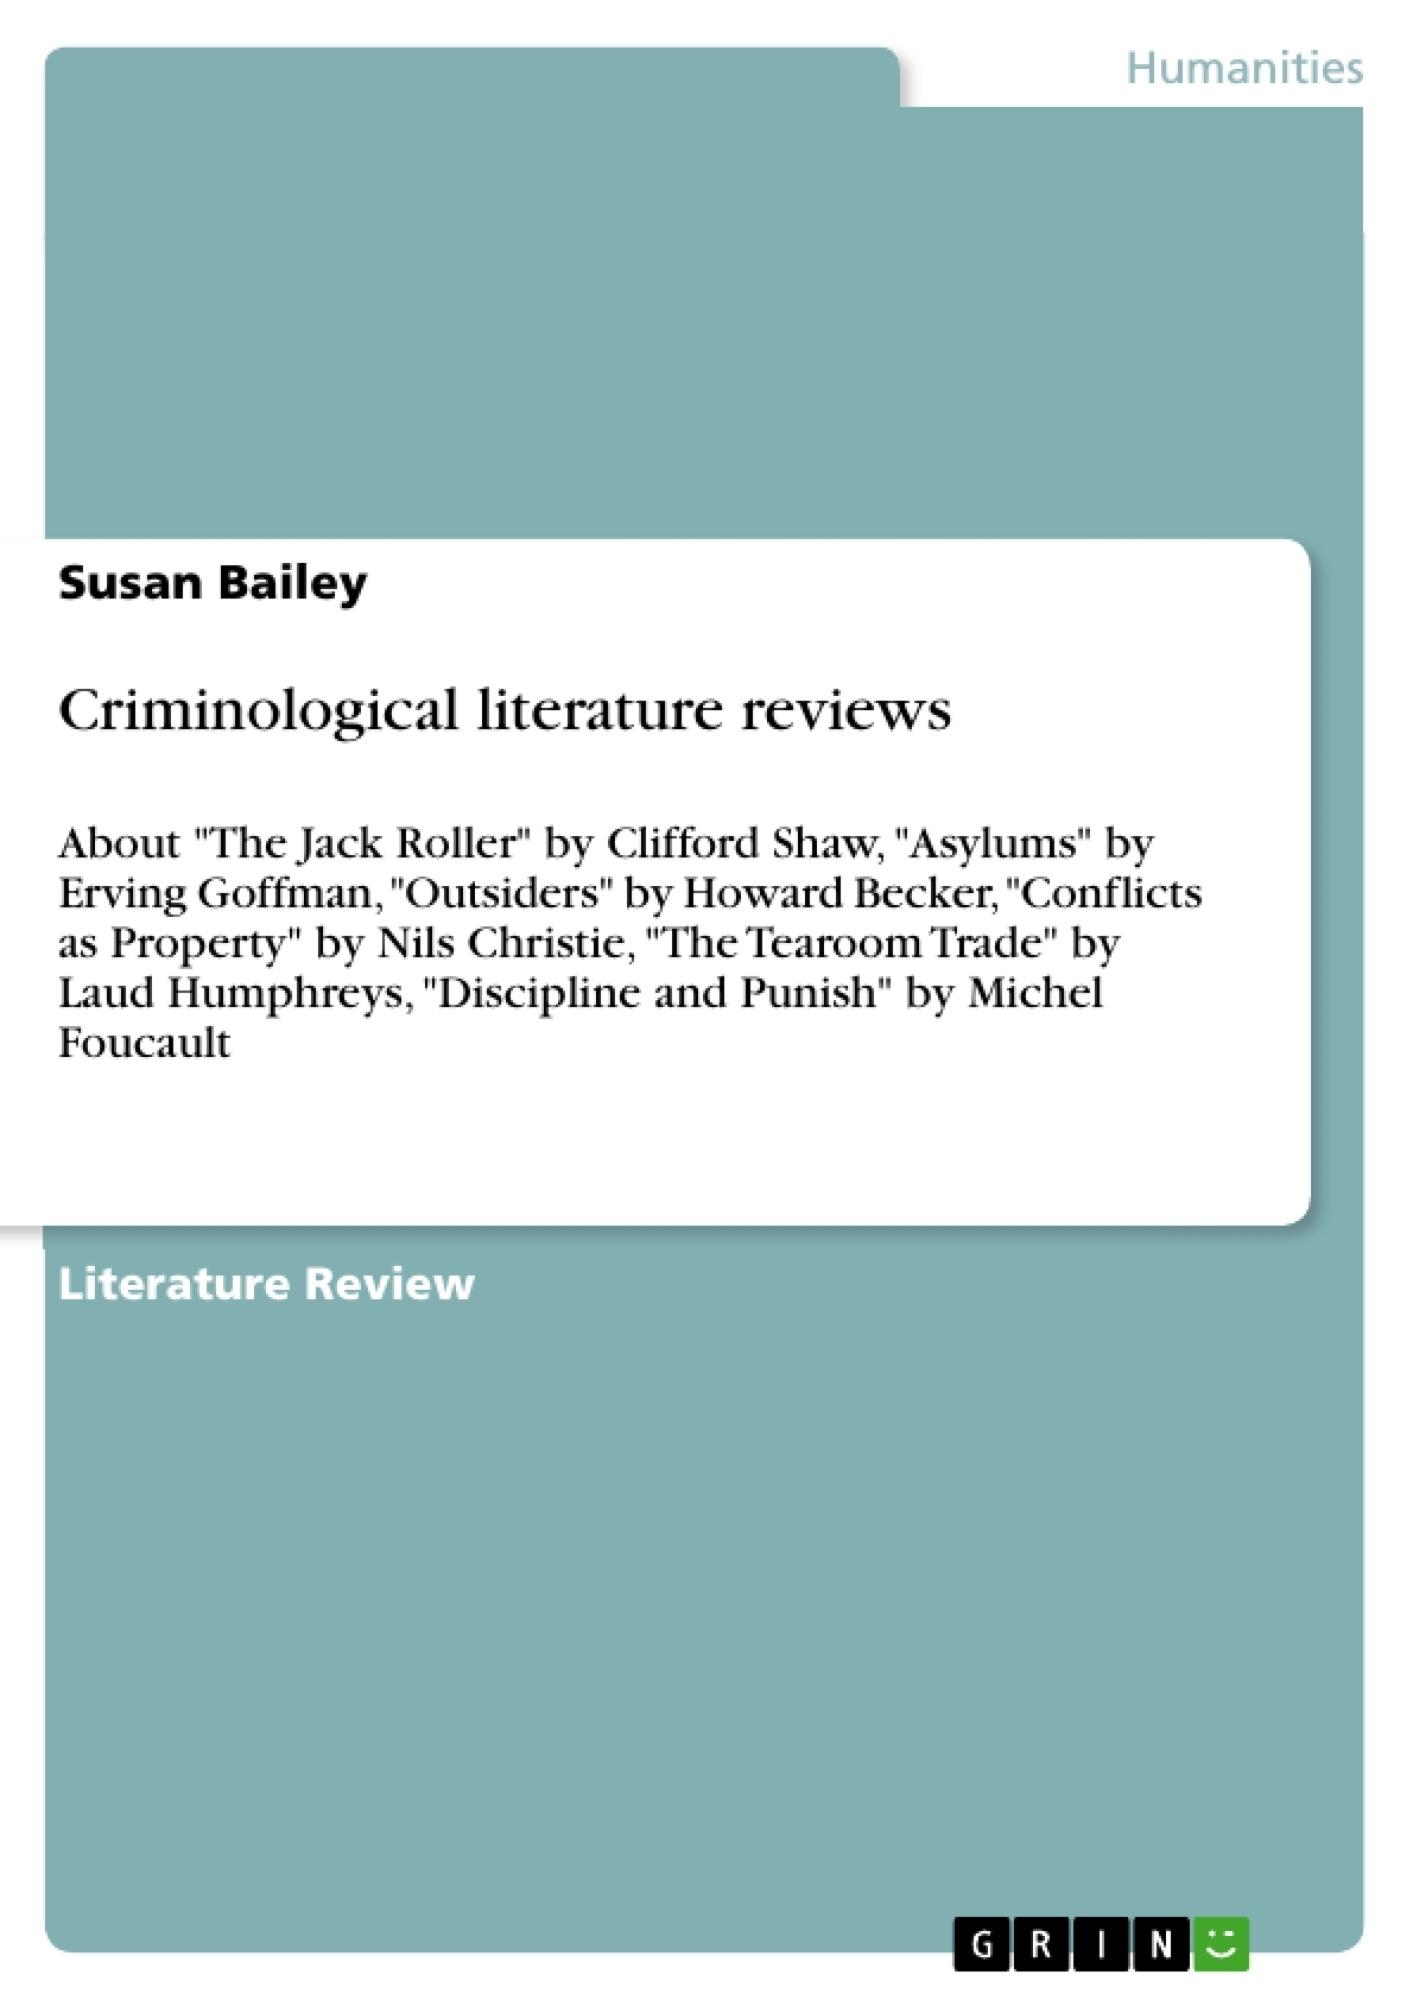 Title: Criminological literature reviews